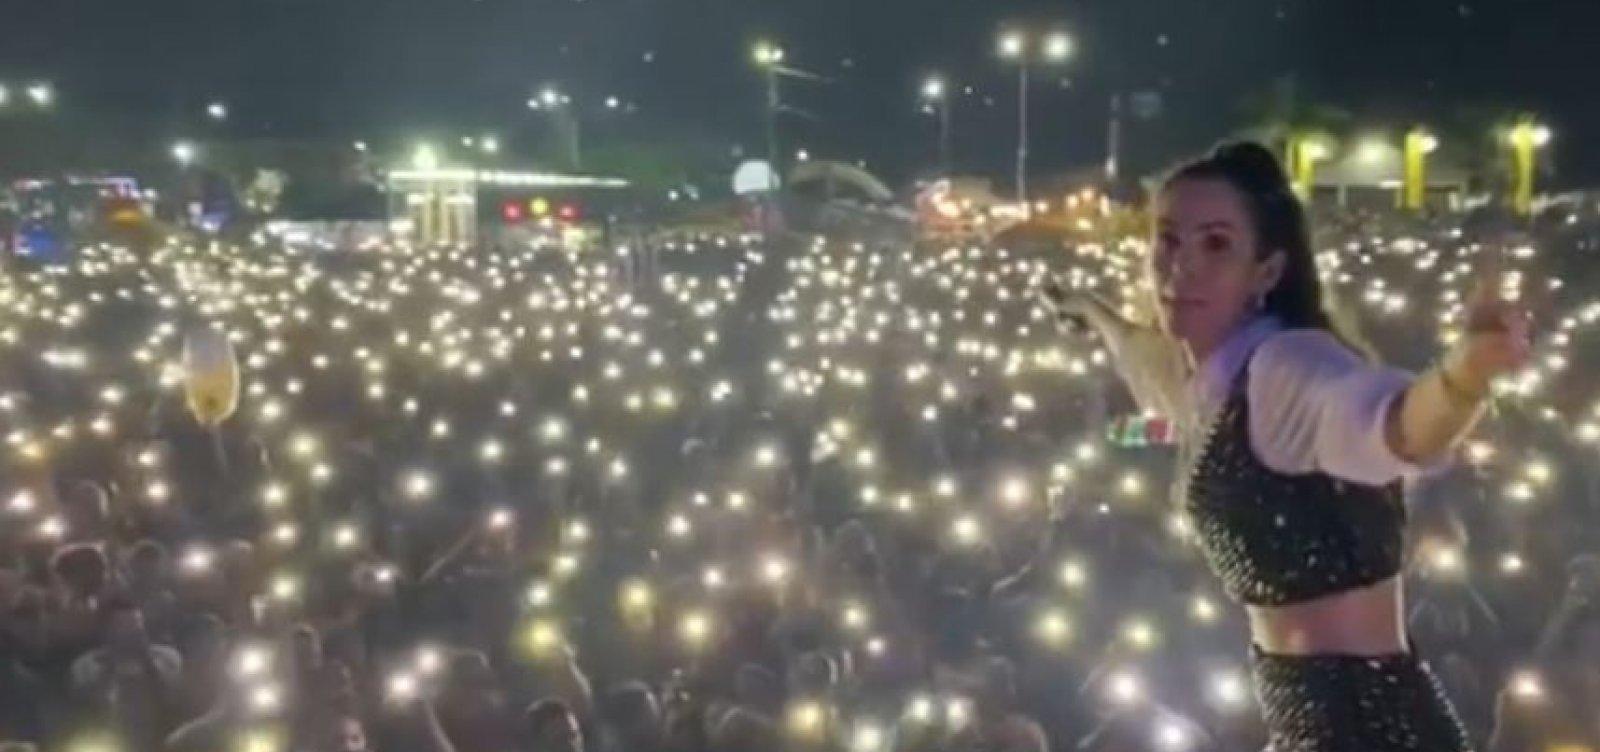 Prefeitura no Pará faz show com aglomeração em retomada no estado